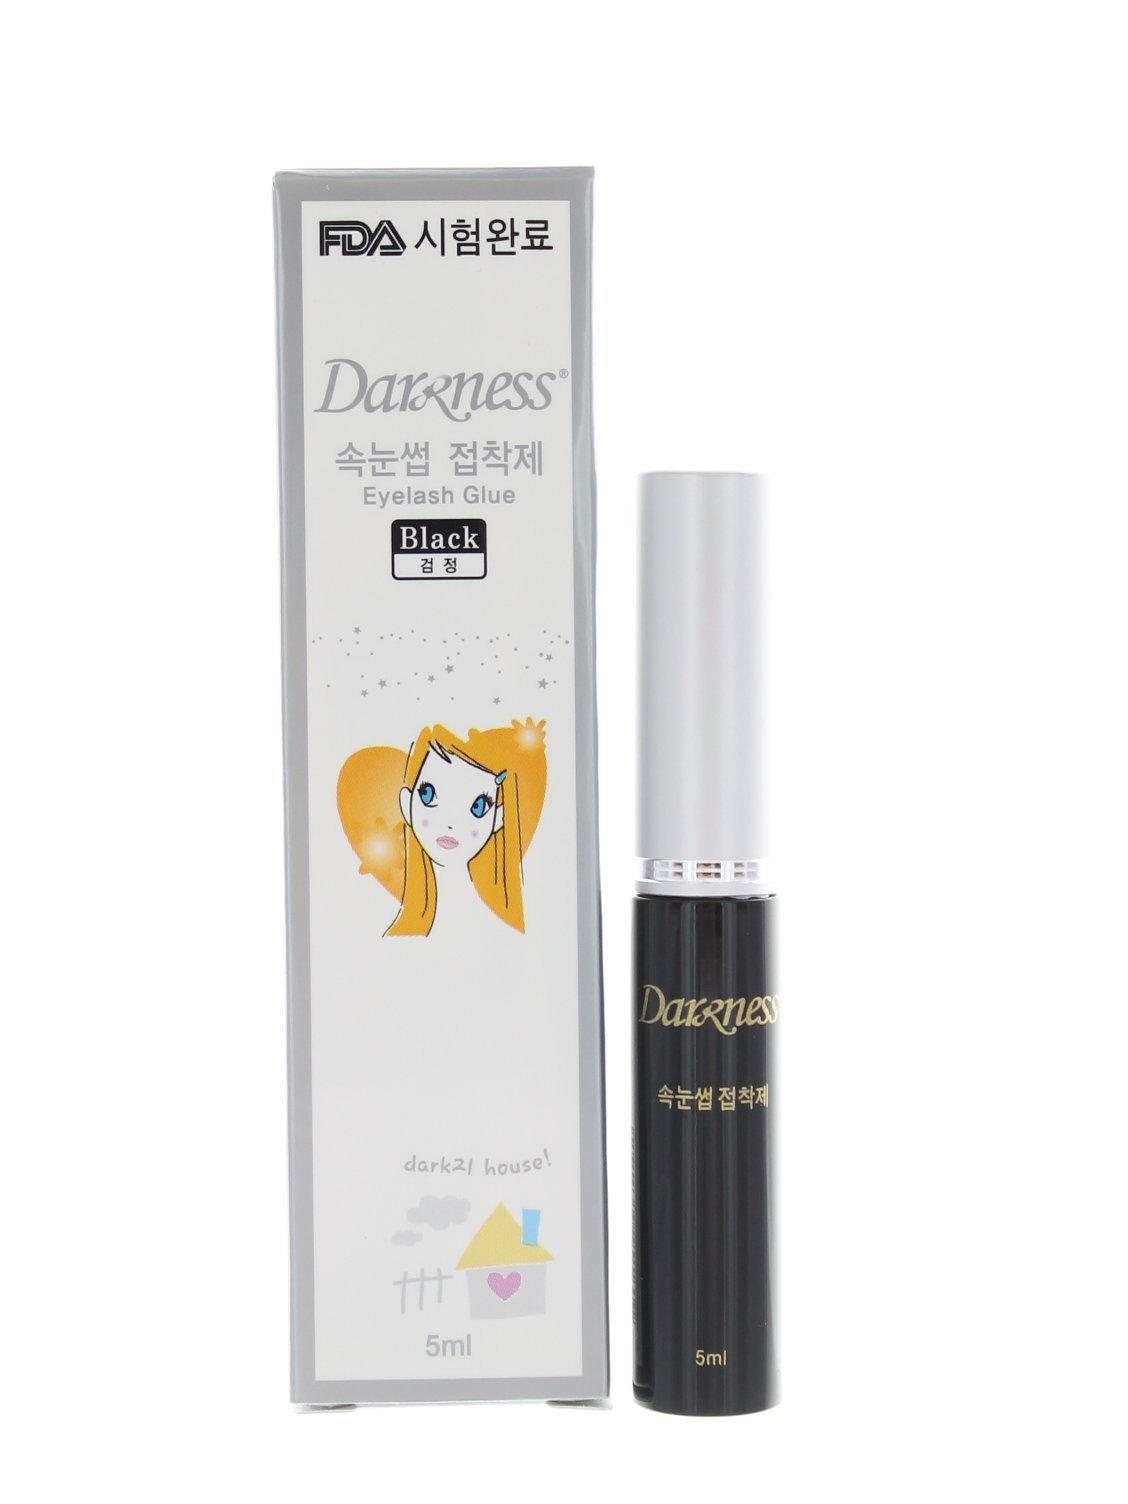 Amazon Darkness Double Eyelash Glue Black Fake Eyelashes